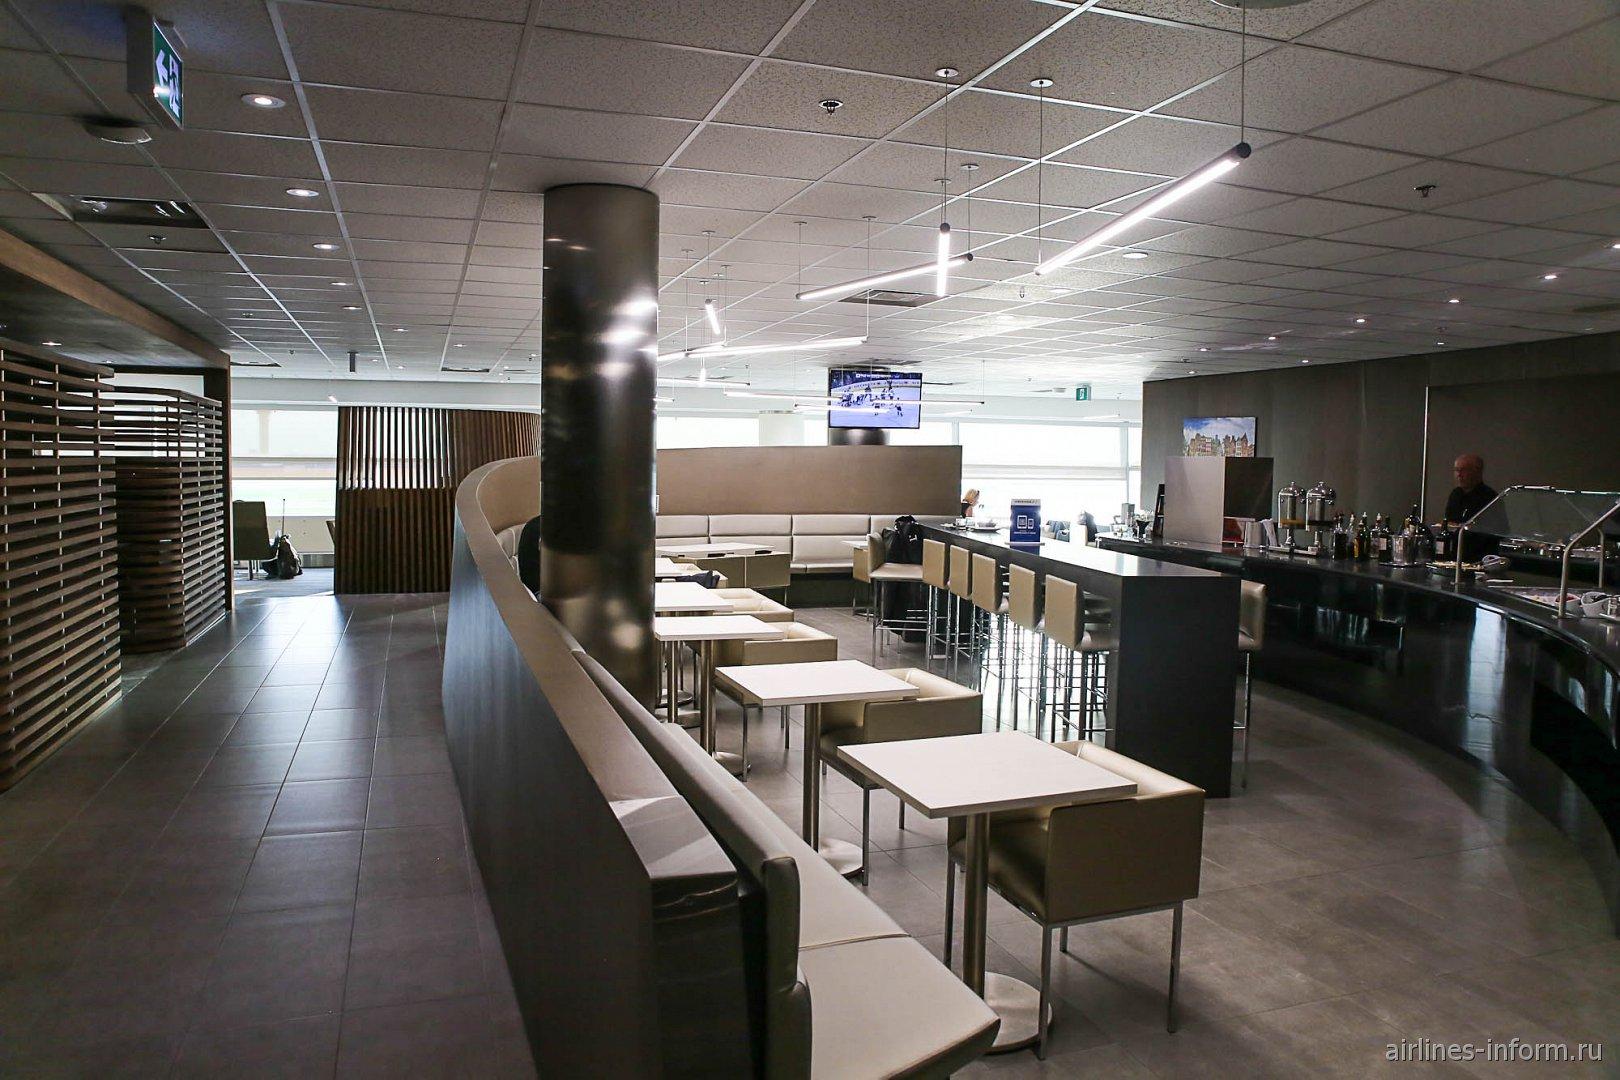 Бизнес-зал Air France - KLM в терминале 3 аэропорта Торонто Пирсон